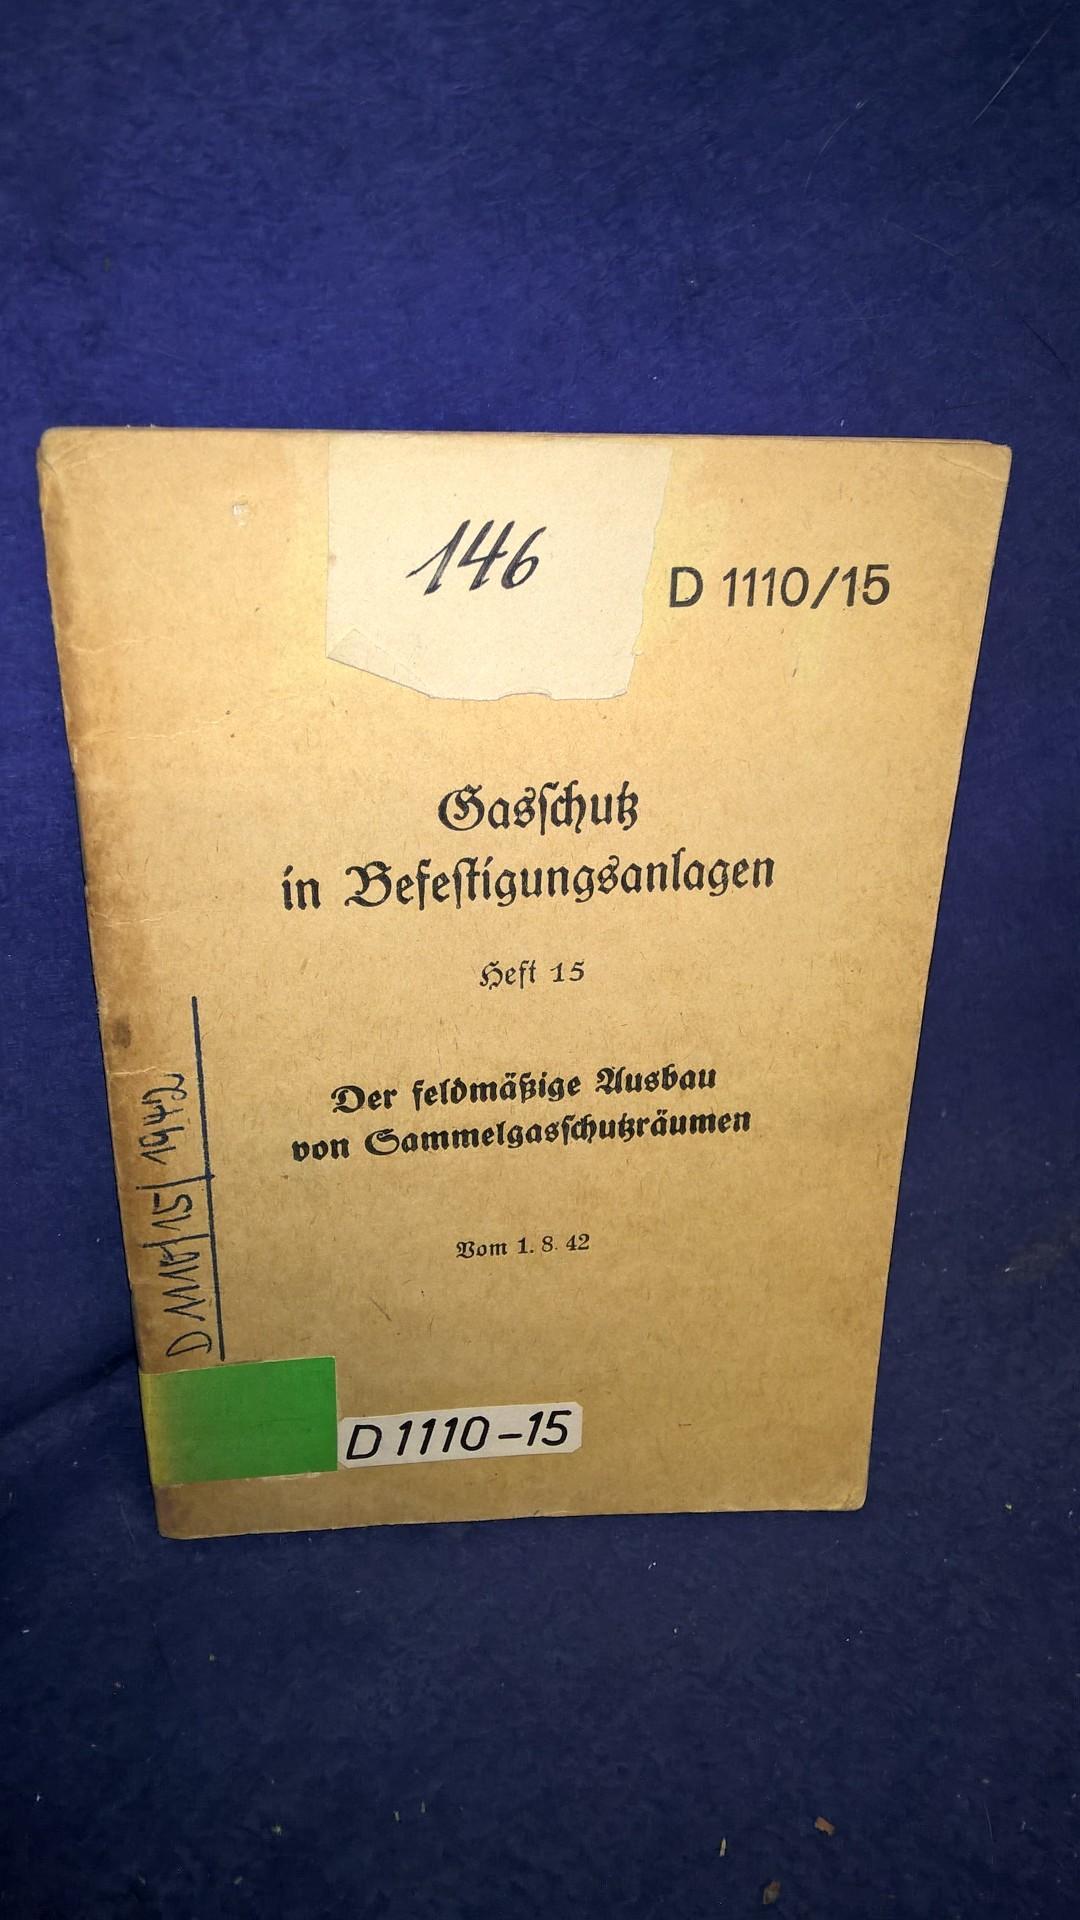 D 1110/15. Gasschutz in Befestigungsanlagen. Heft 15: Der feldmäßige Ausbau von Gasschutzsammelräumen. Orginale Vorschrift vom 1.8.1942!